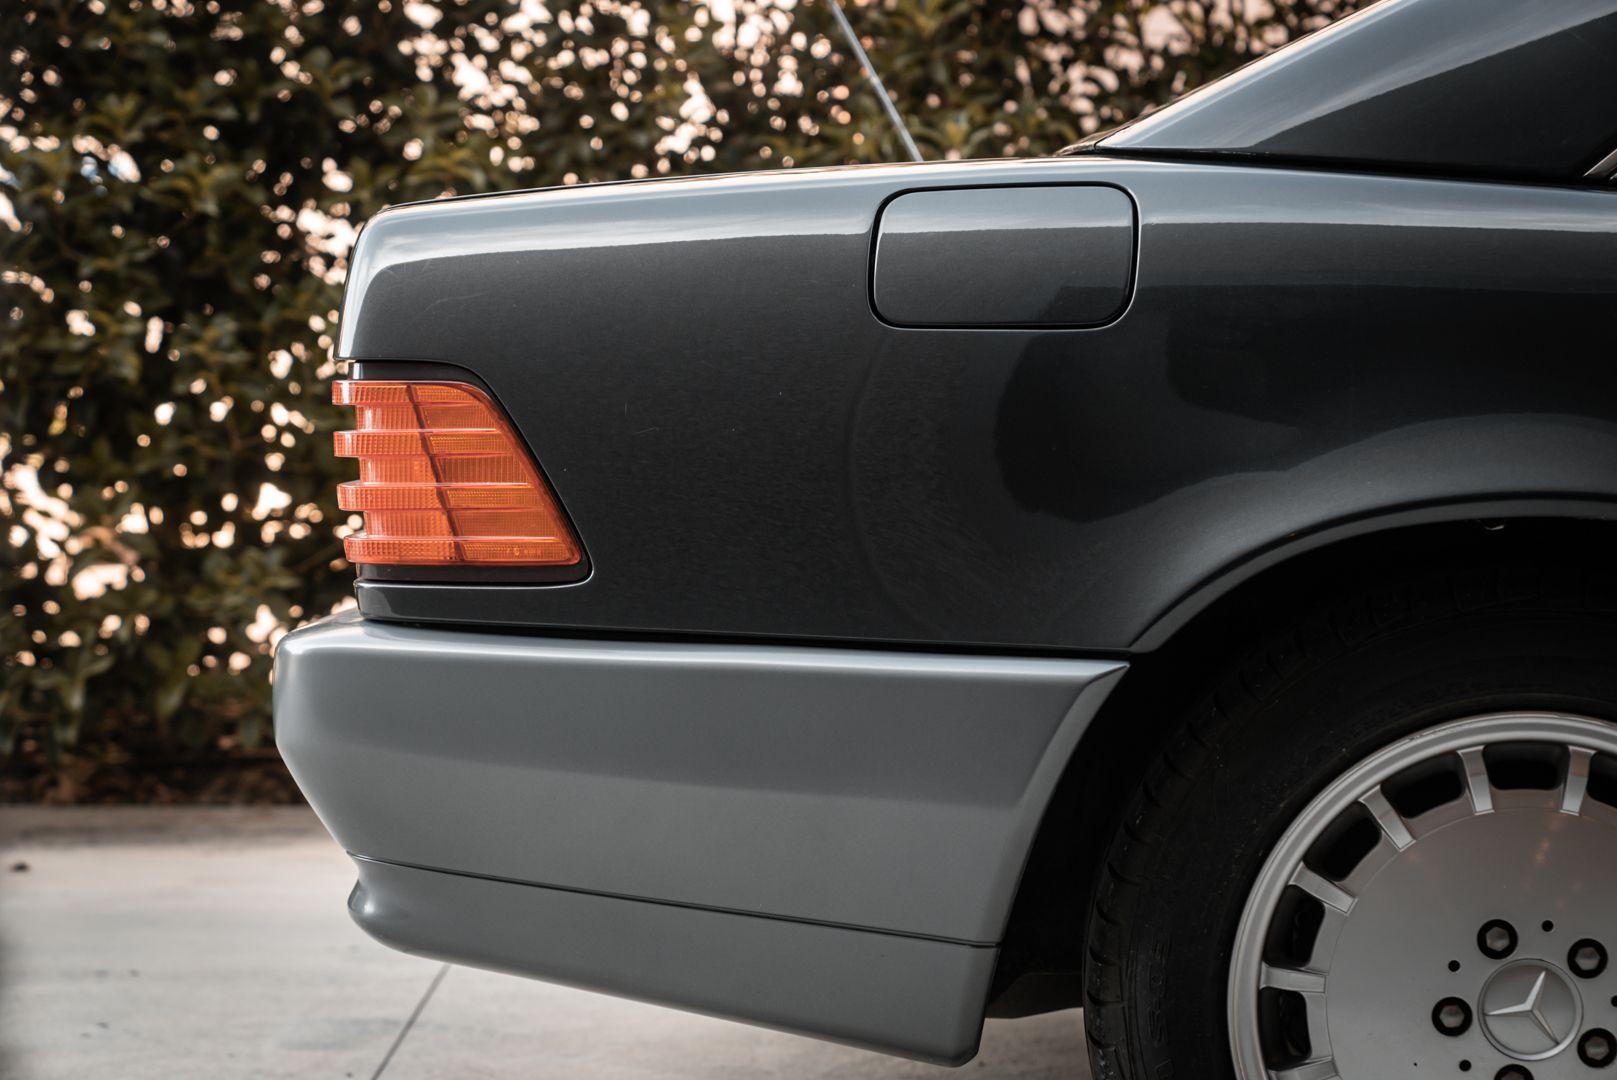 1992 Mercedes Benz 300 SL 24 V 80618